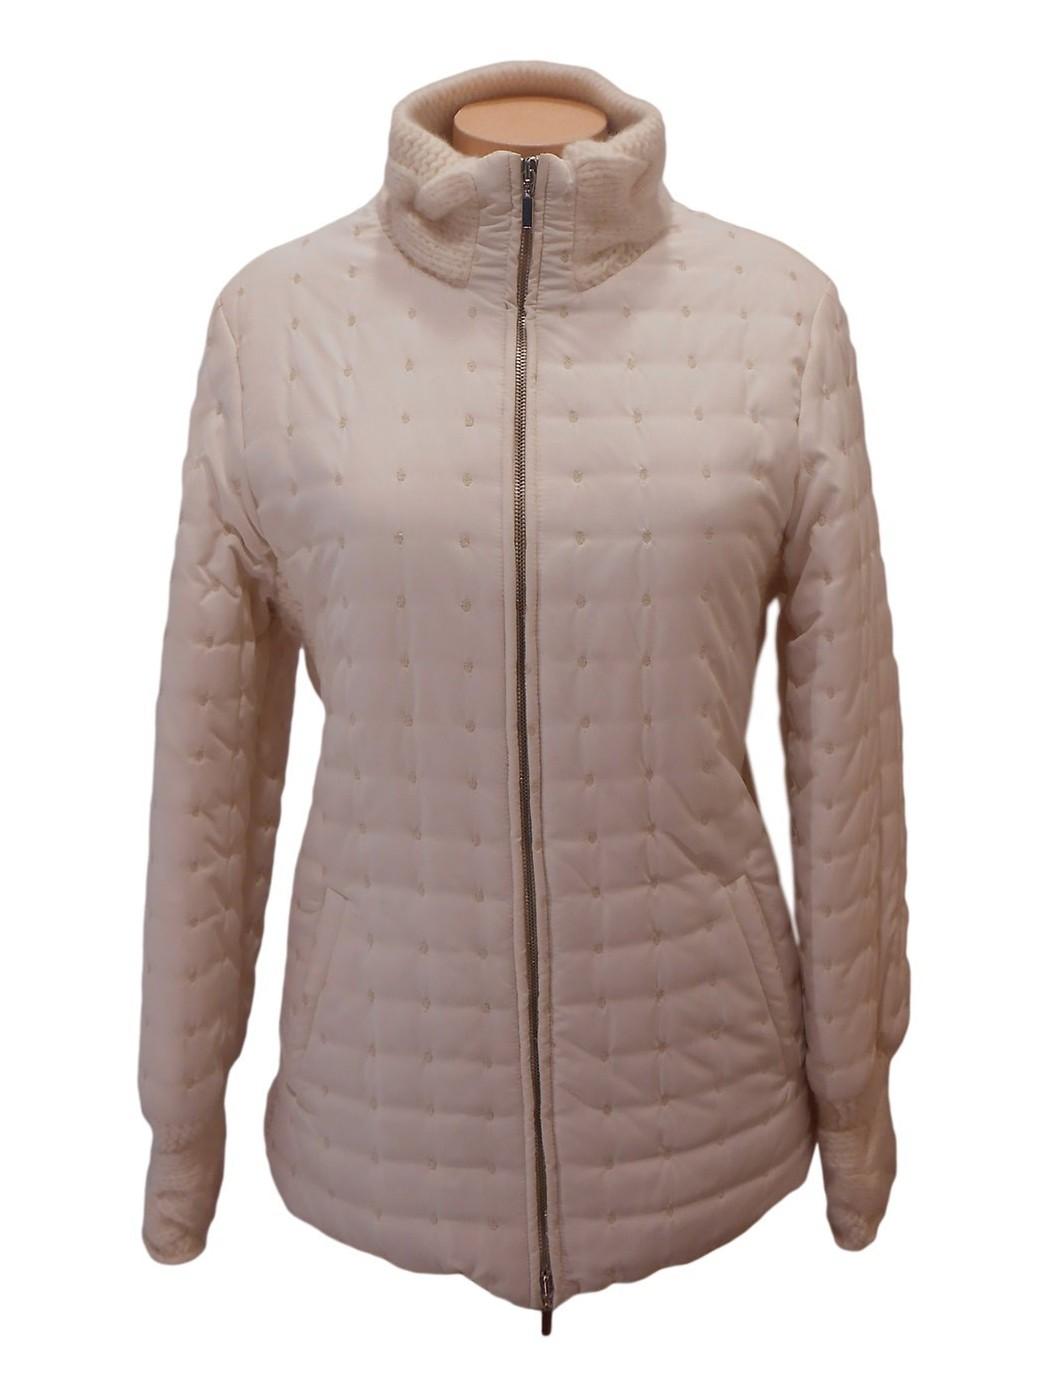 Padded jacket by Landi